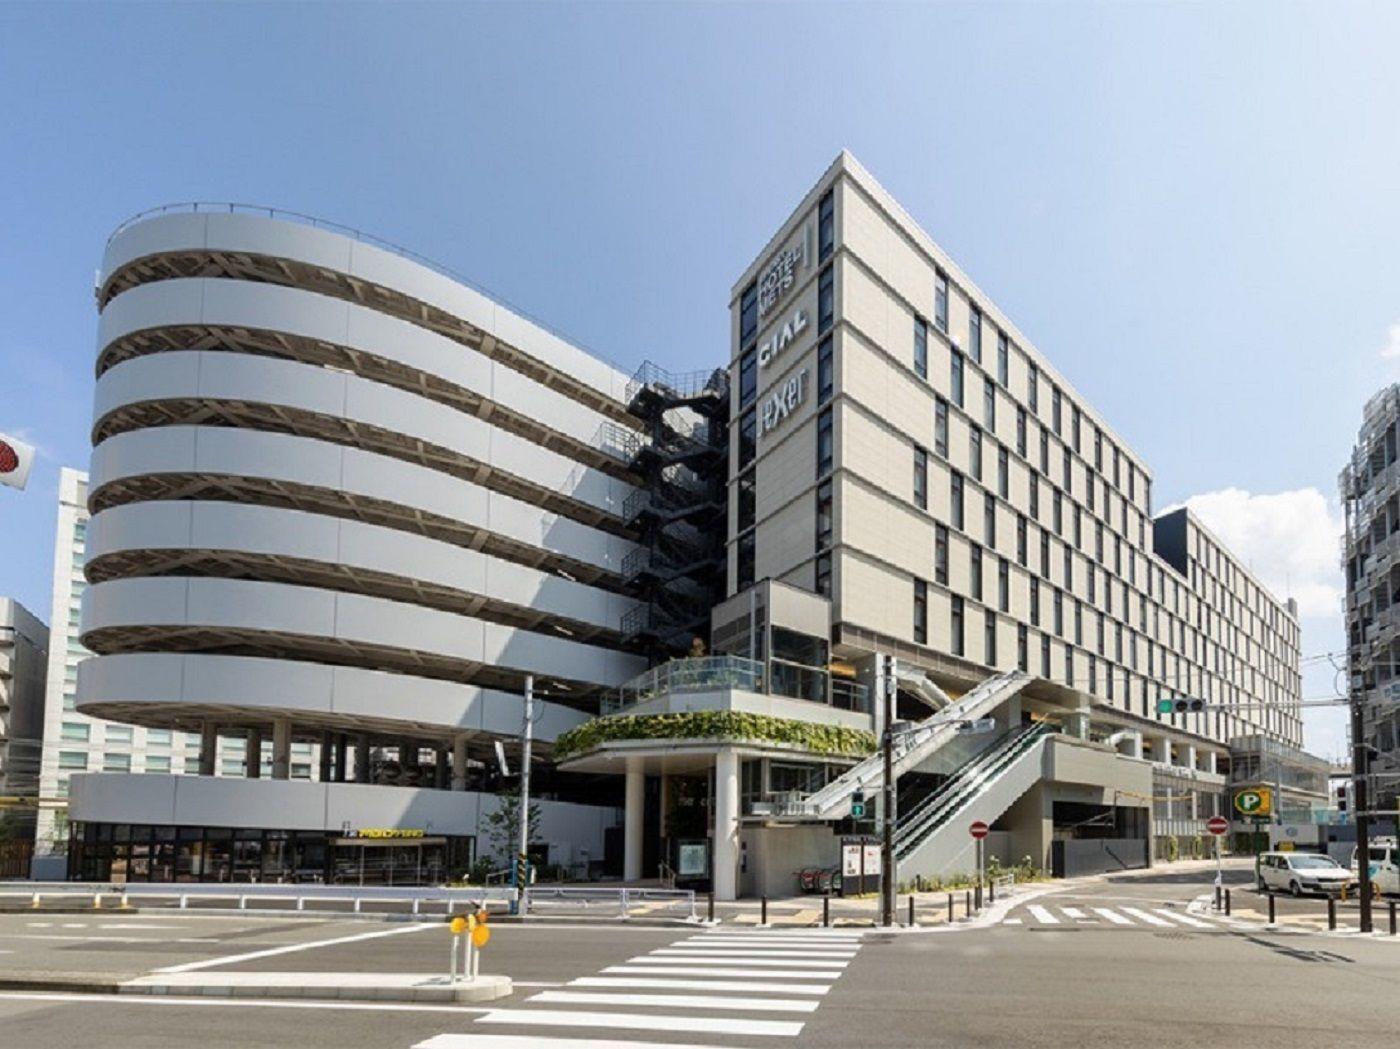 【定番から穴場まで】横浜の観光スポット24選!エリア別にご紹介♪の画像